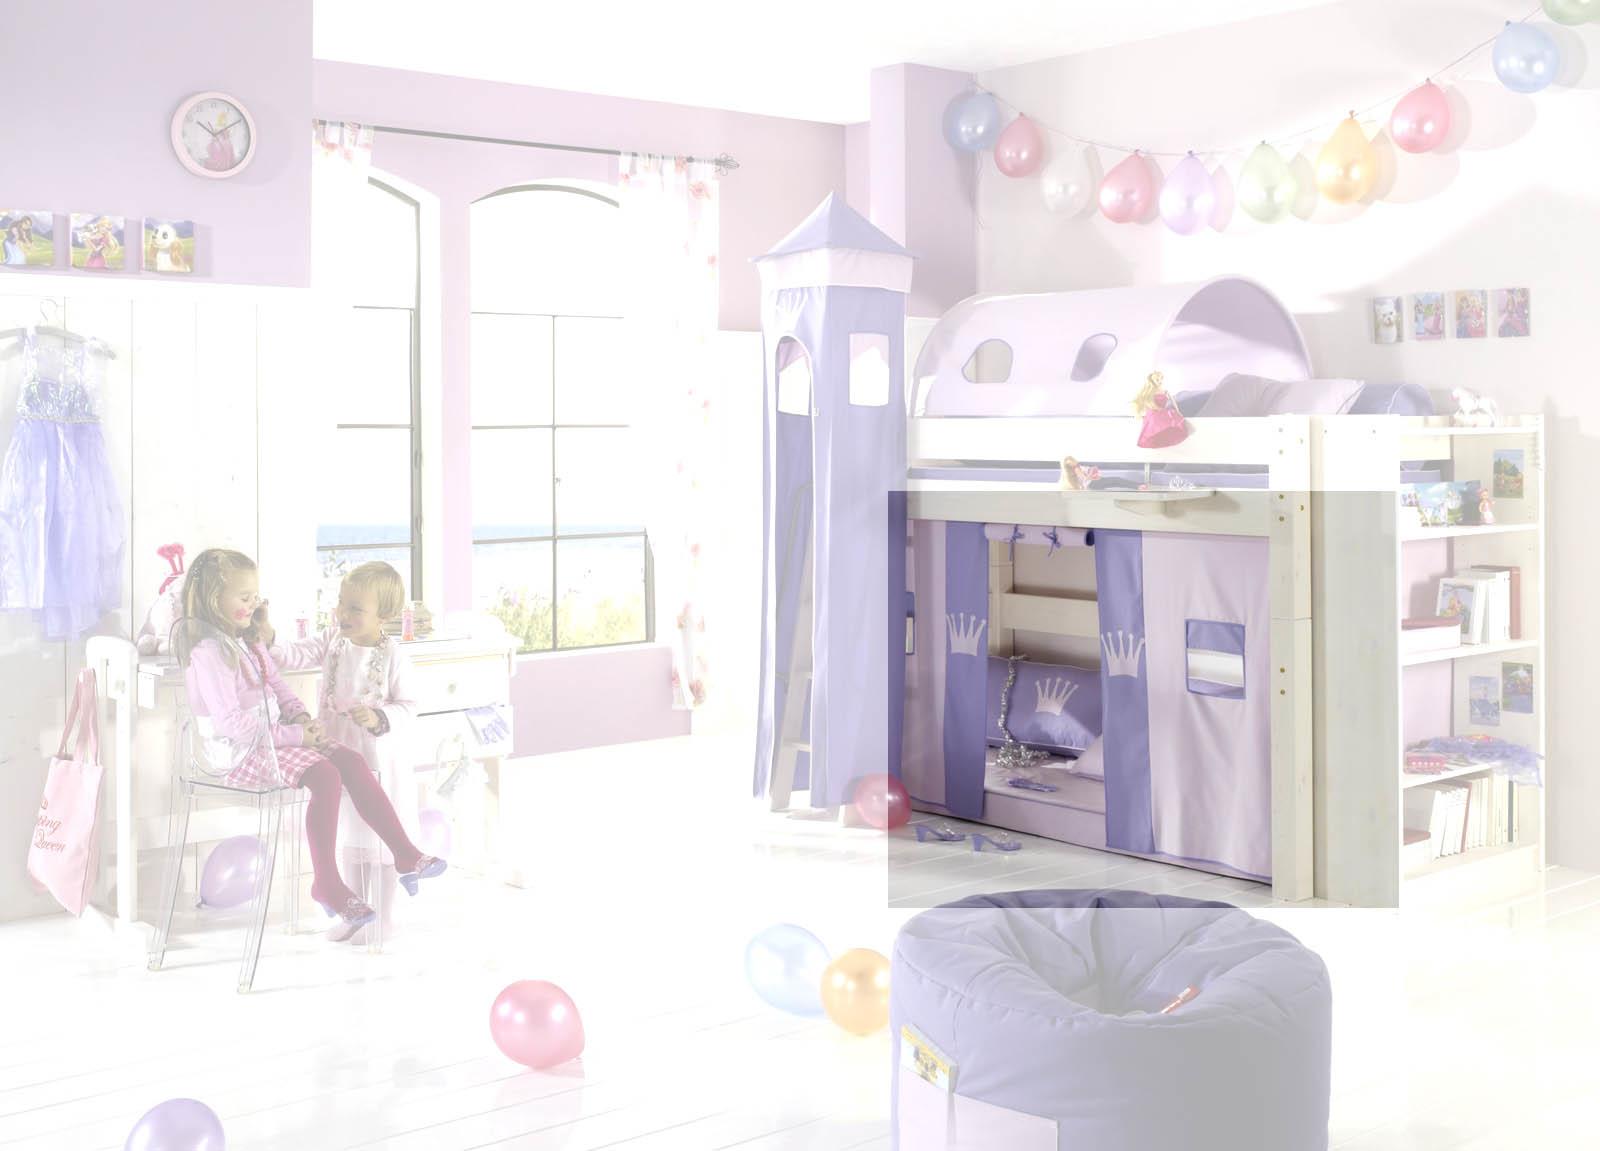 Dolphin Kinderzimmer Halbhochbett Lavendeltraum, Bild 6